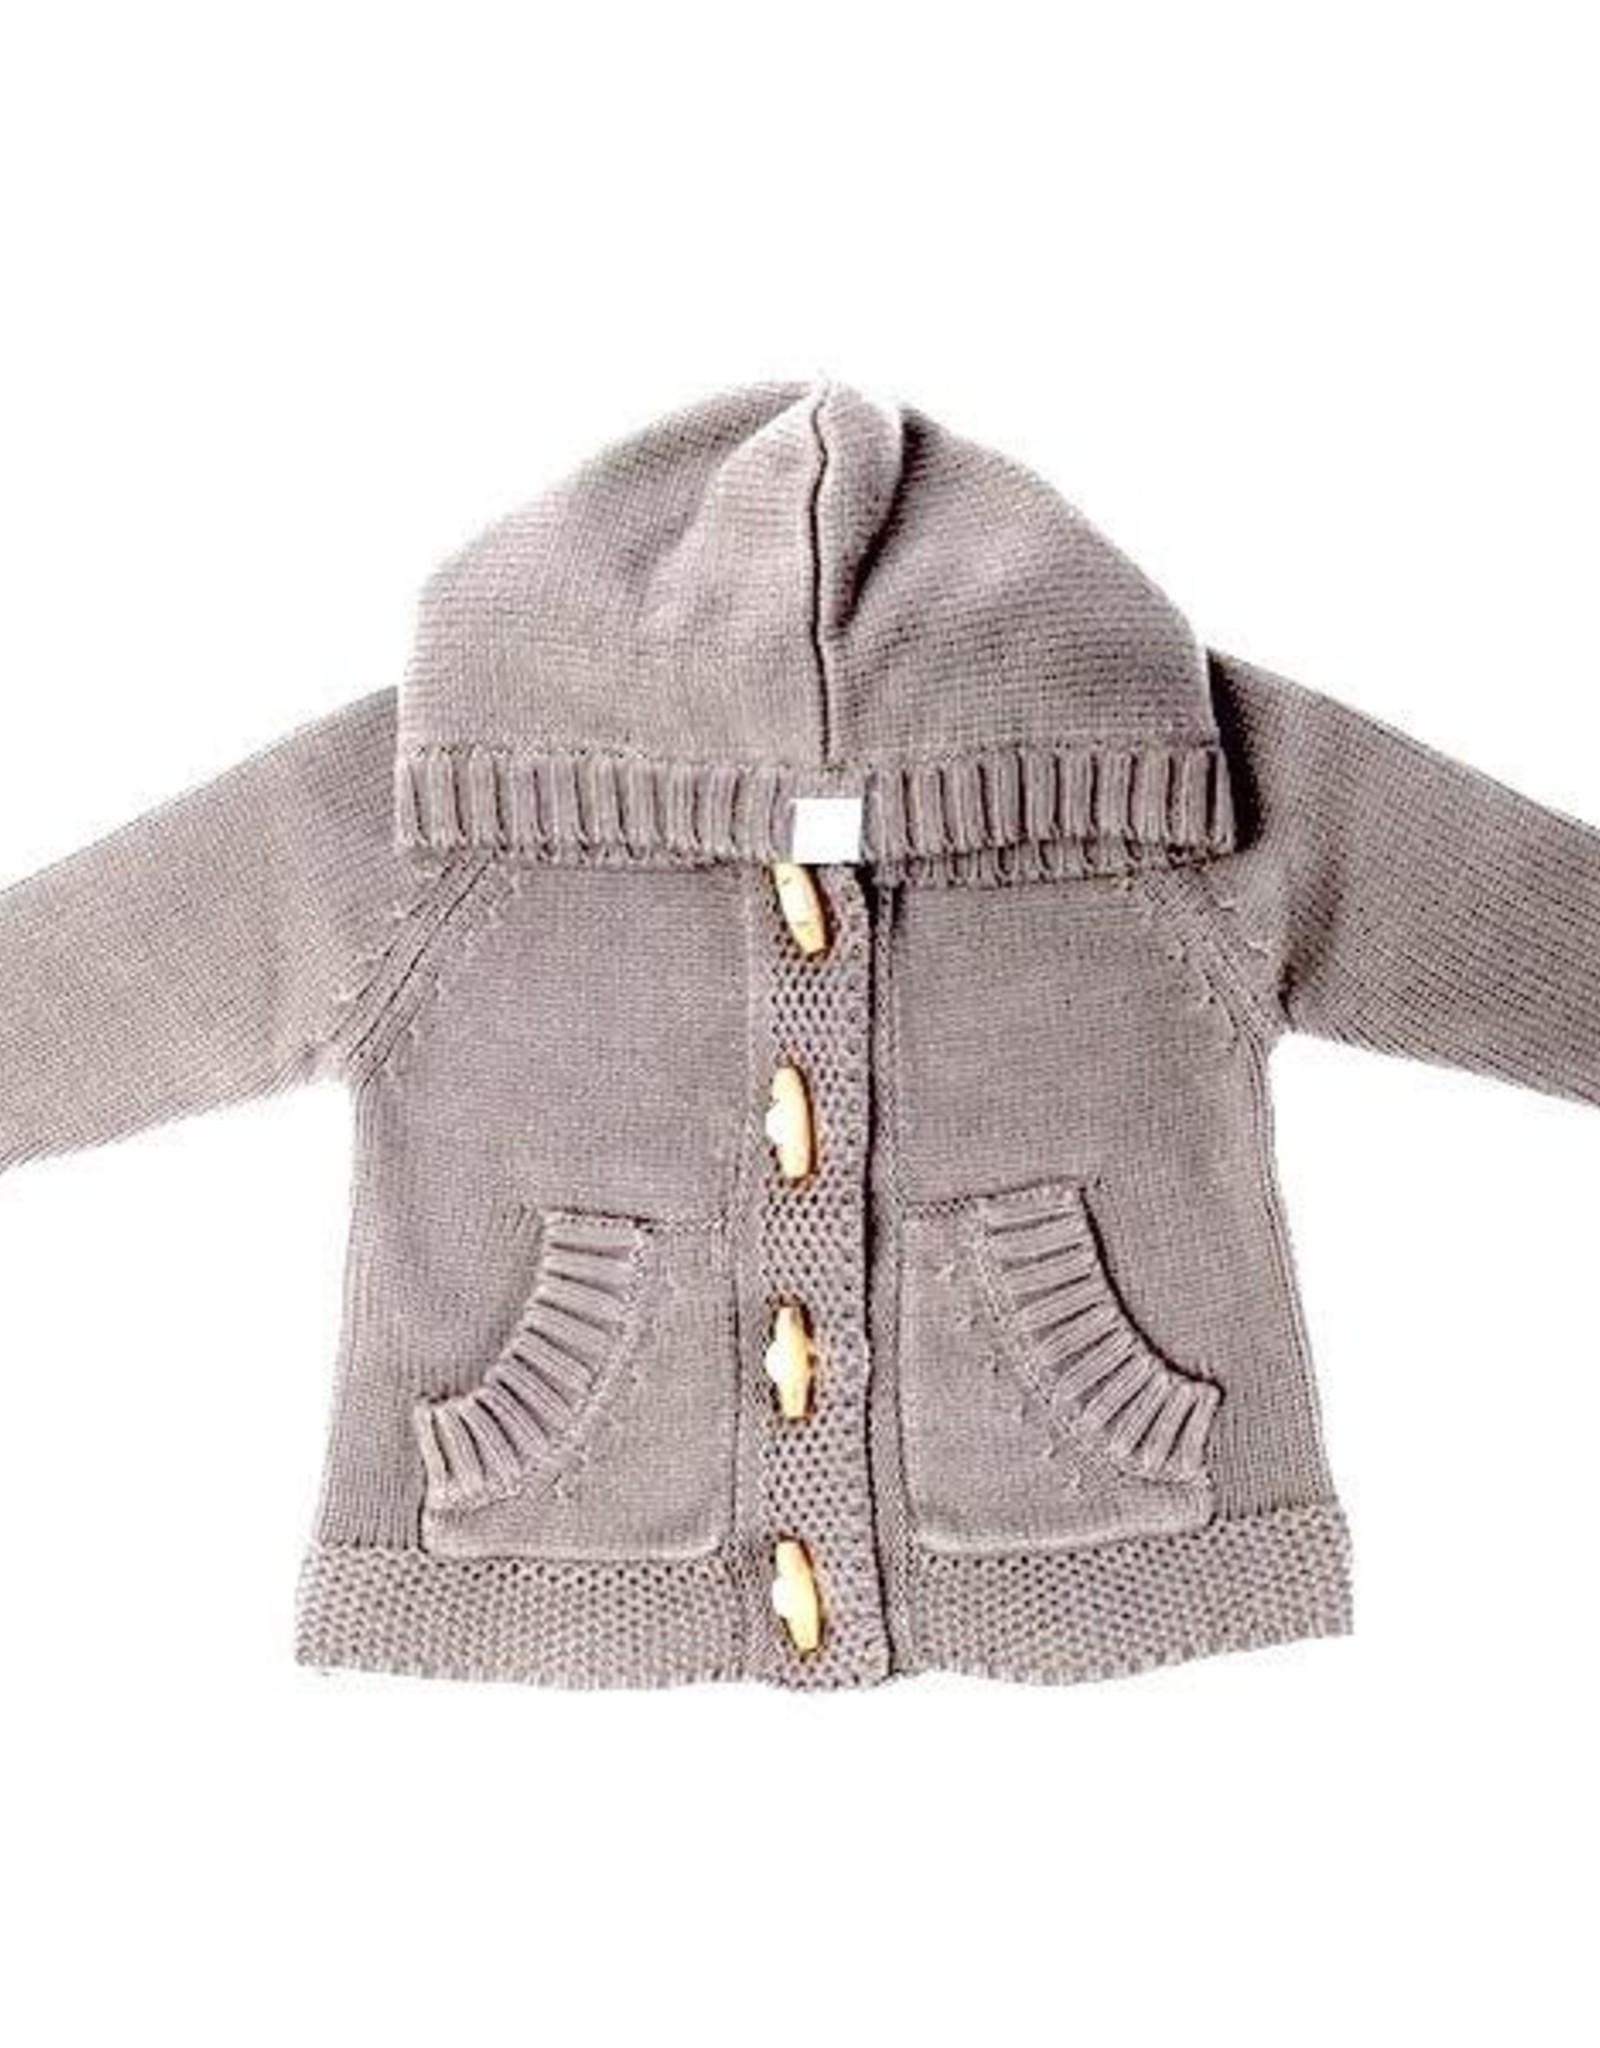 Beba Bean Knit Hoodie for Baby